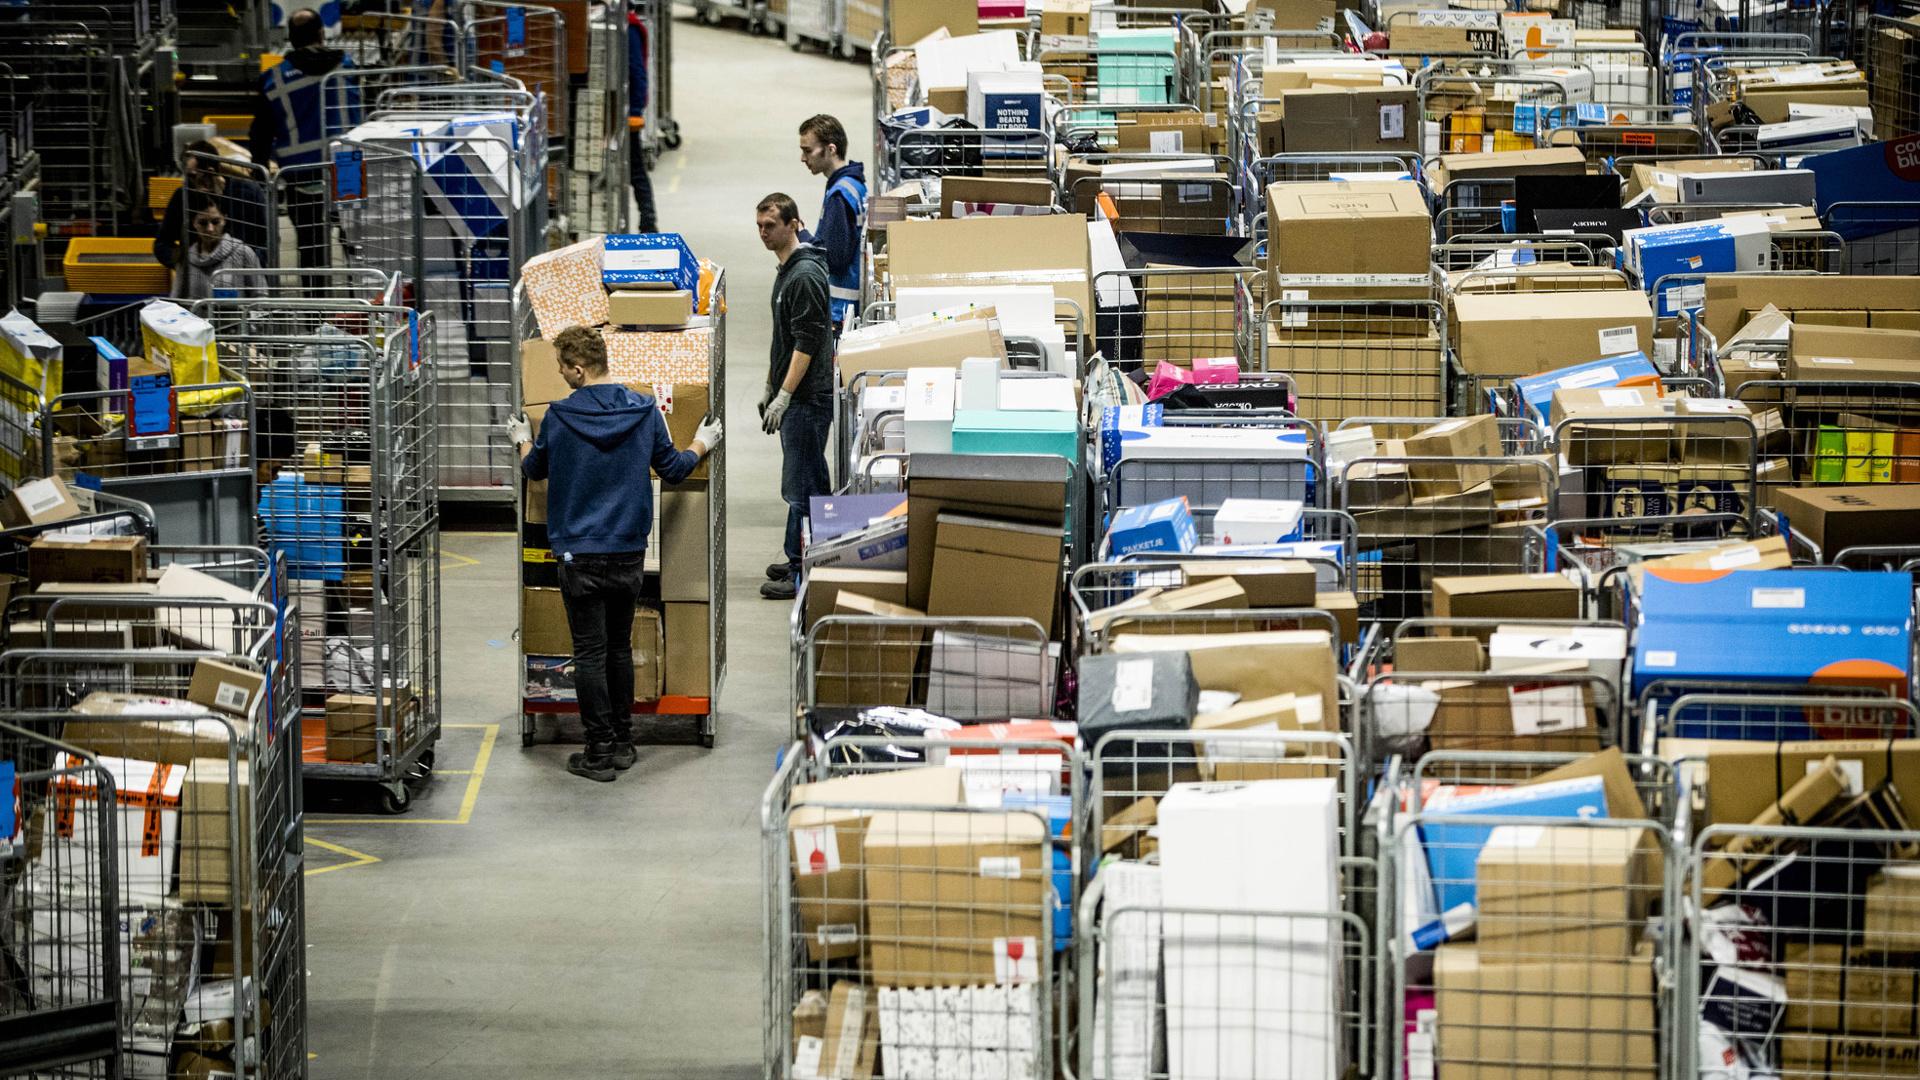 Pakket sorteercentrum chaos 1